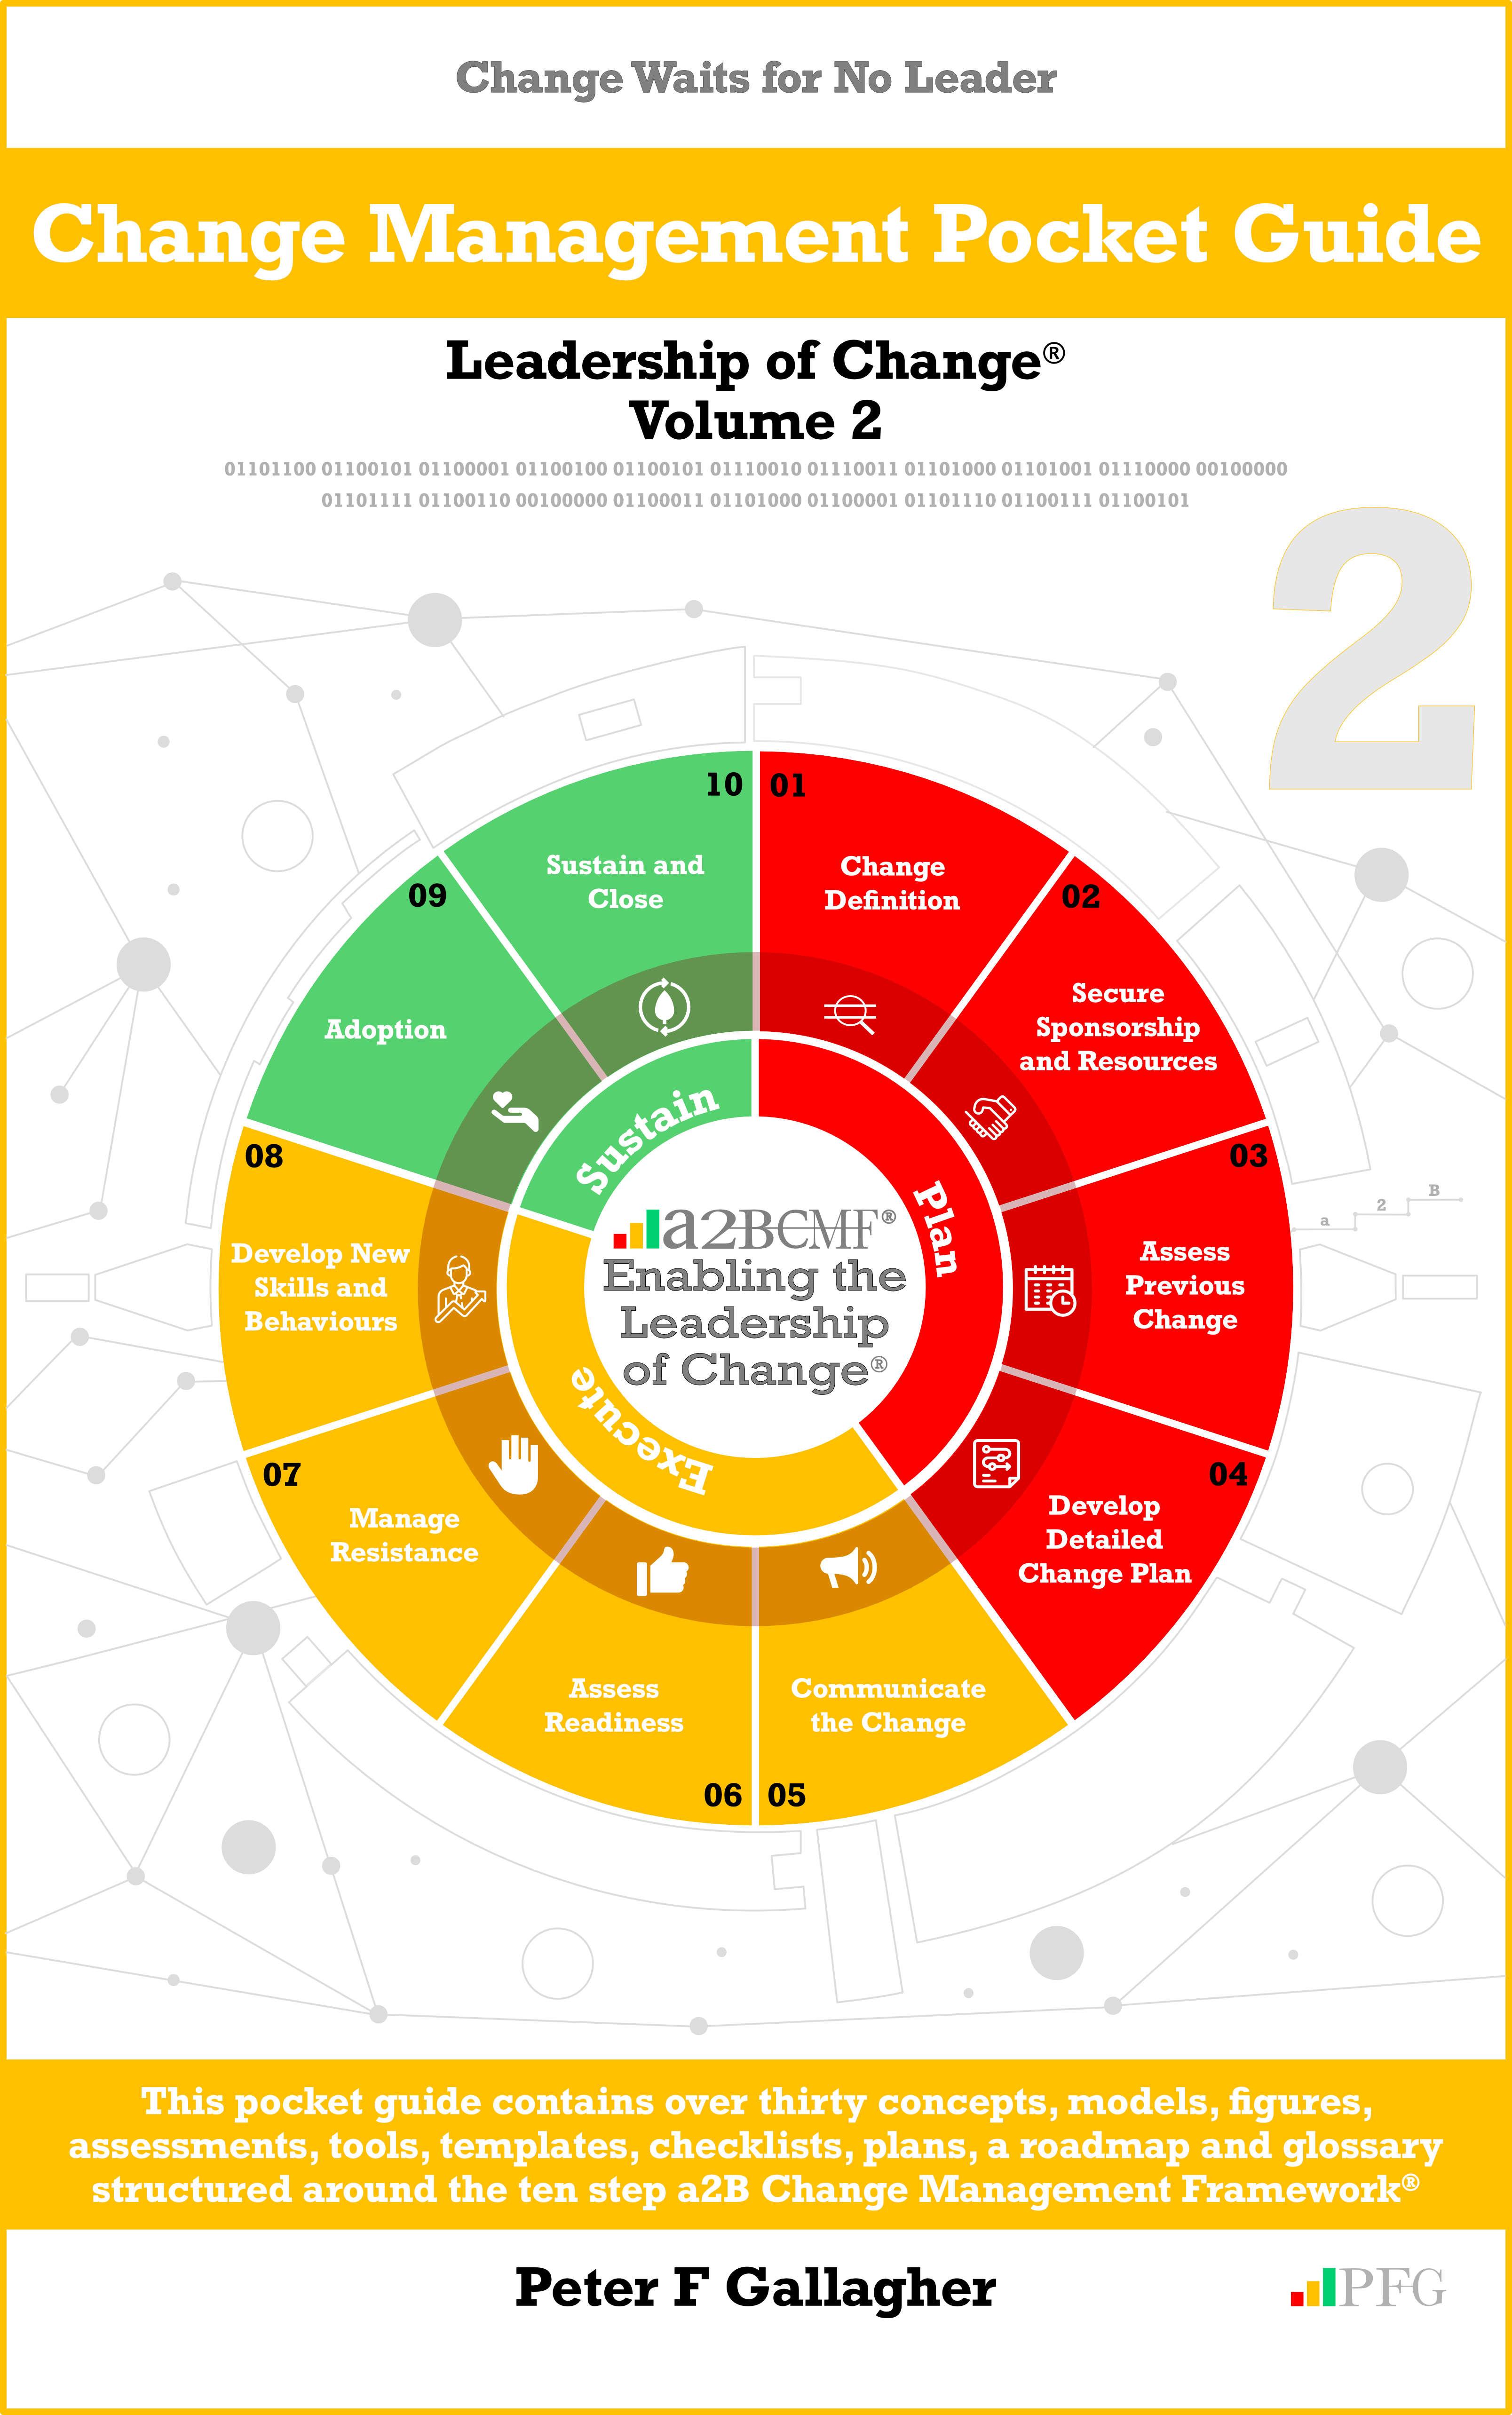 Change Management Pocket Guide, Leadership of Change Volume 2, a2b Change Management Pocket Guide, l